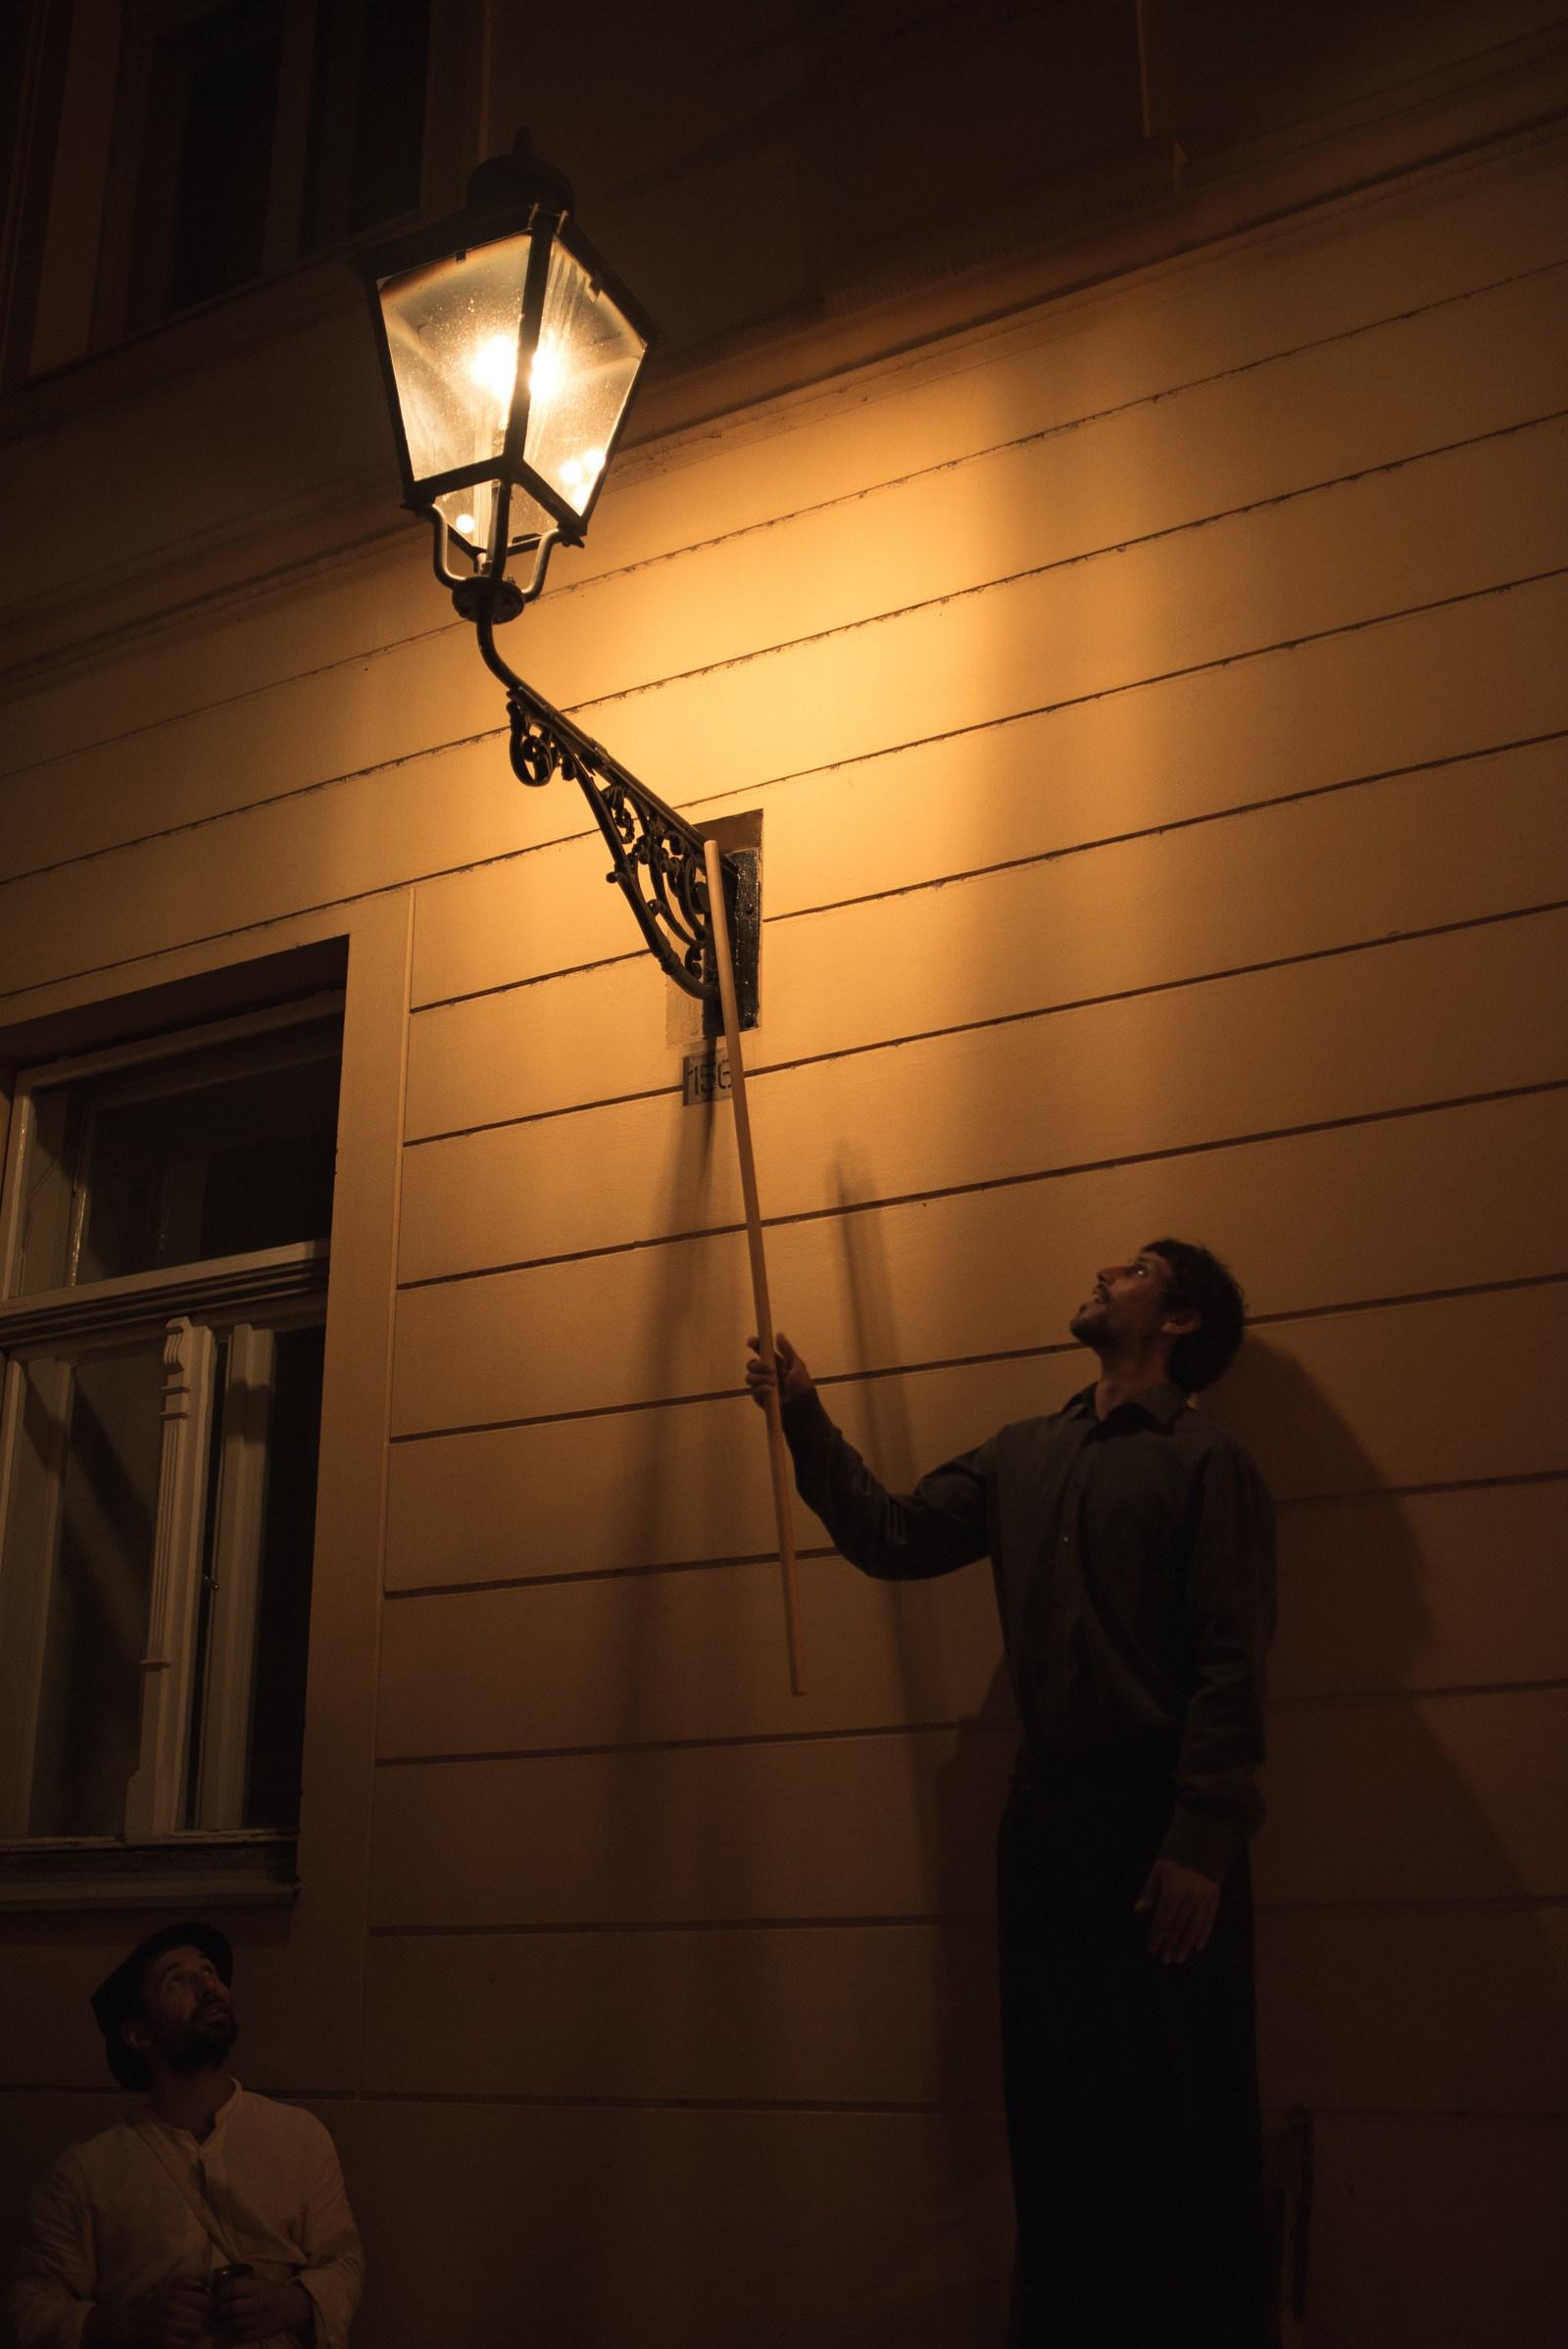 lampadaire zagreb